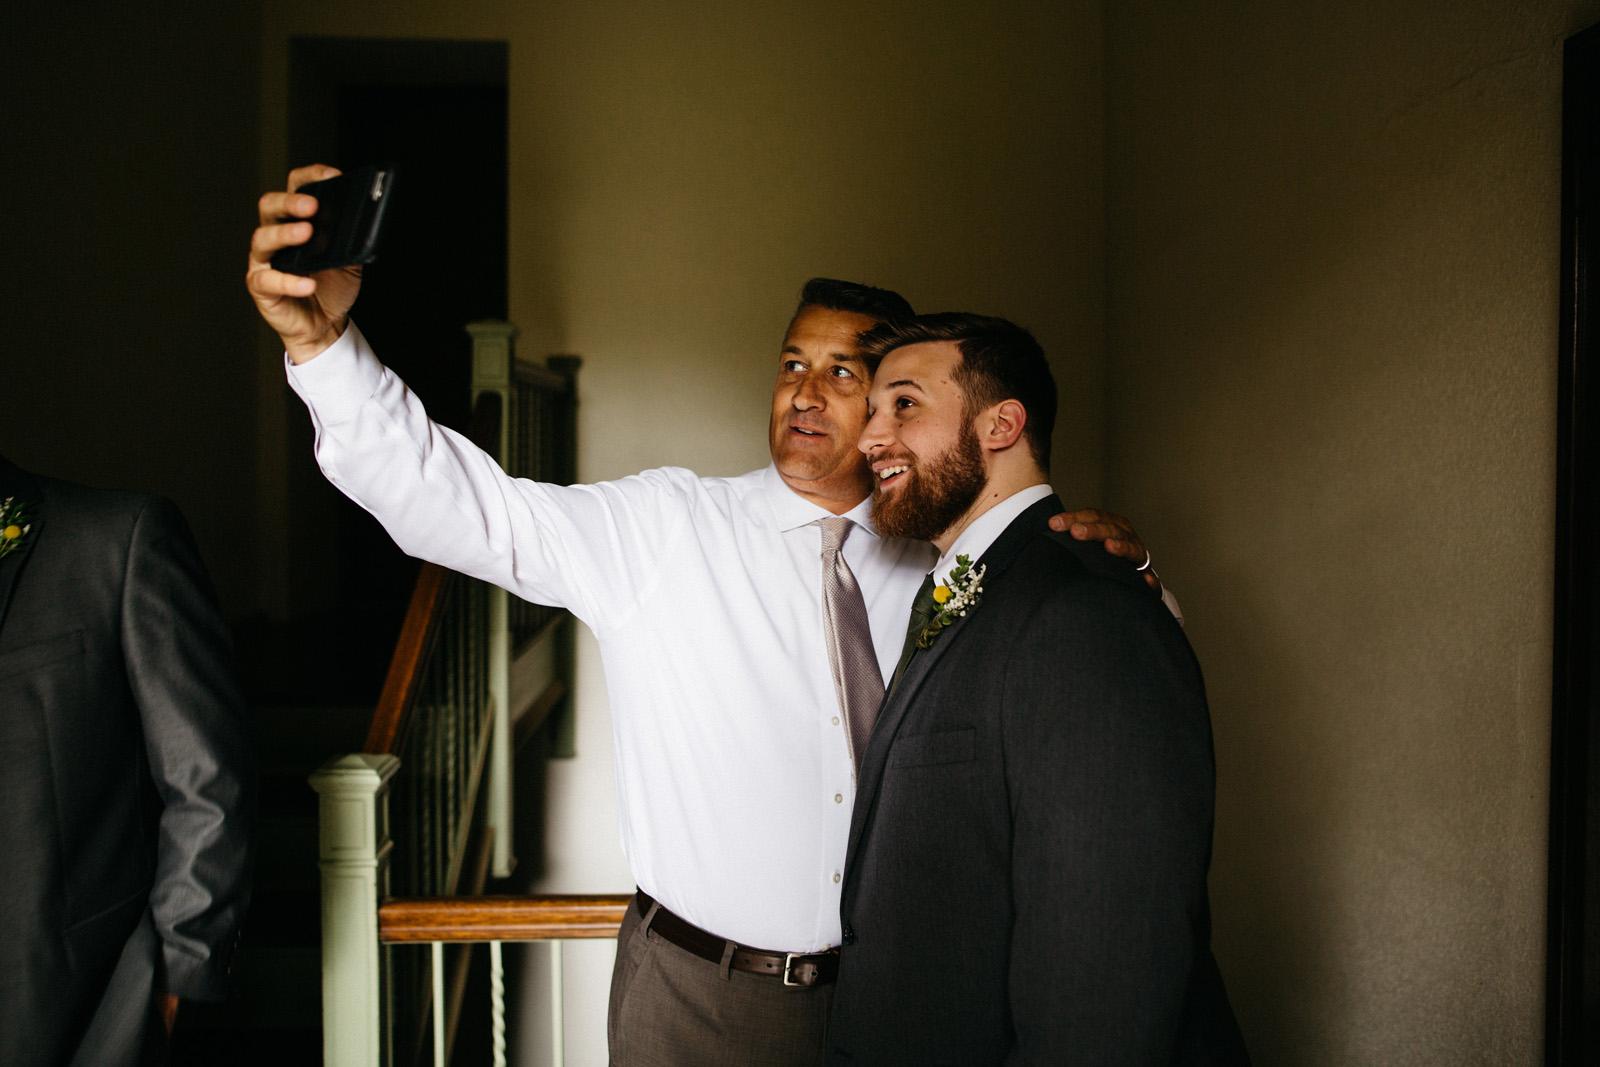 Groomsmen_Selfie